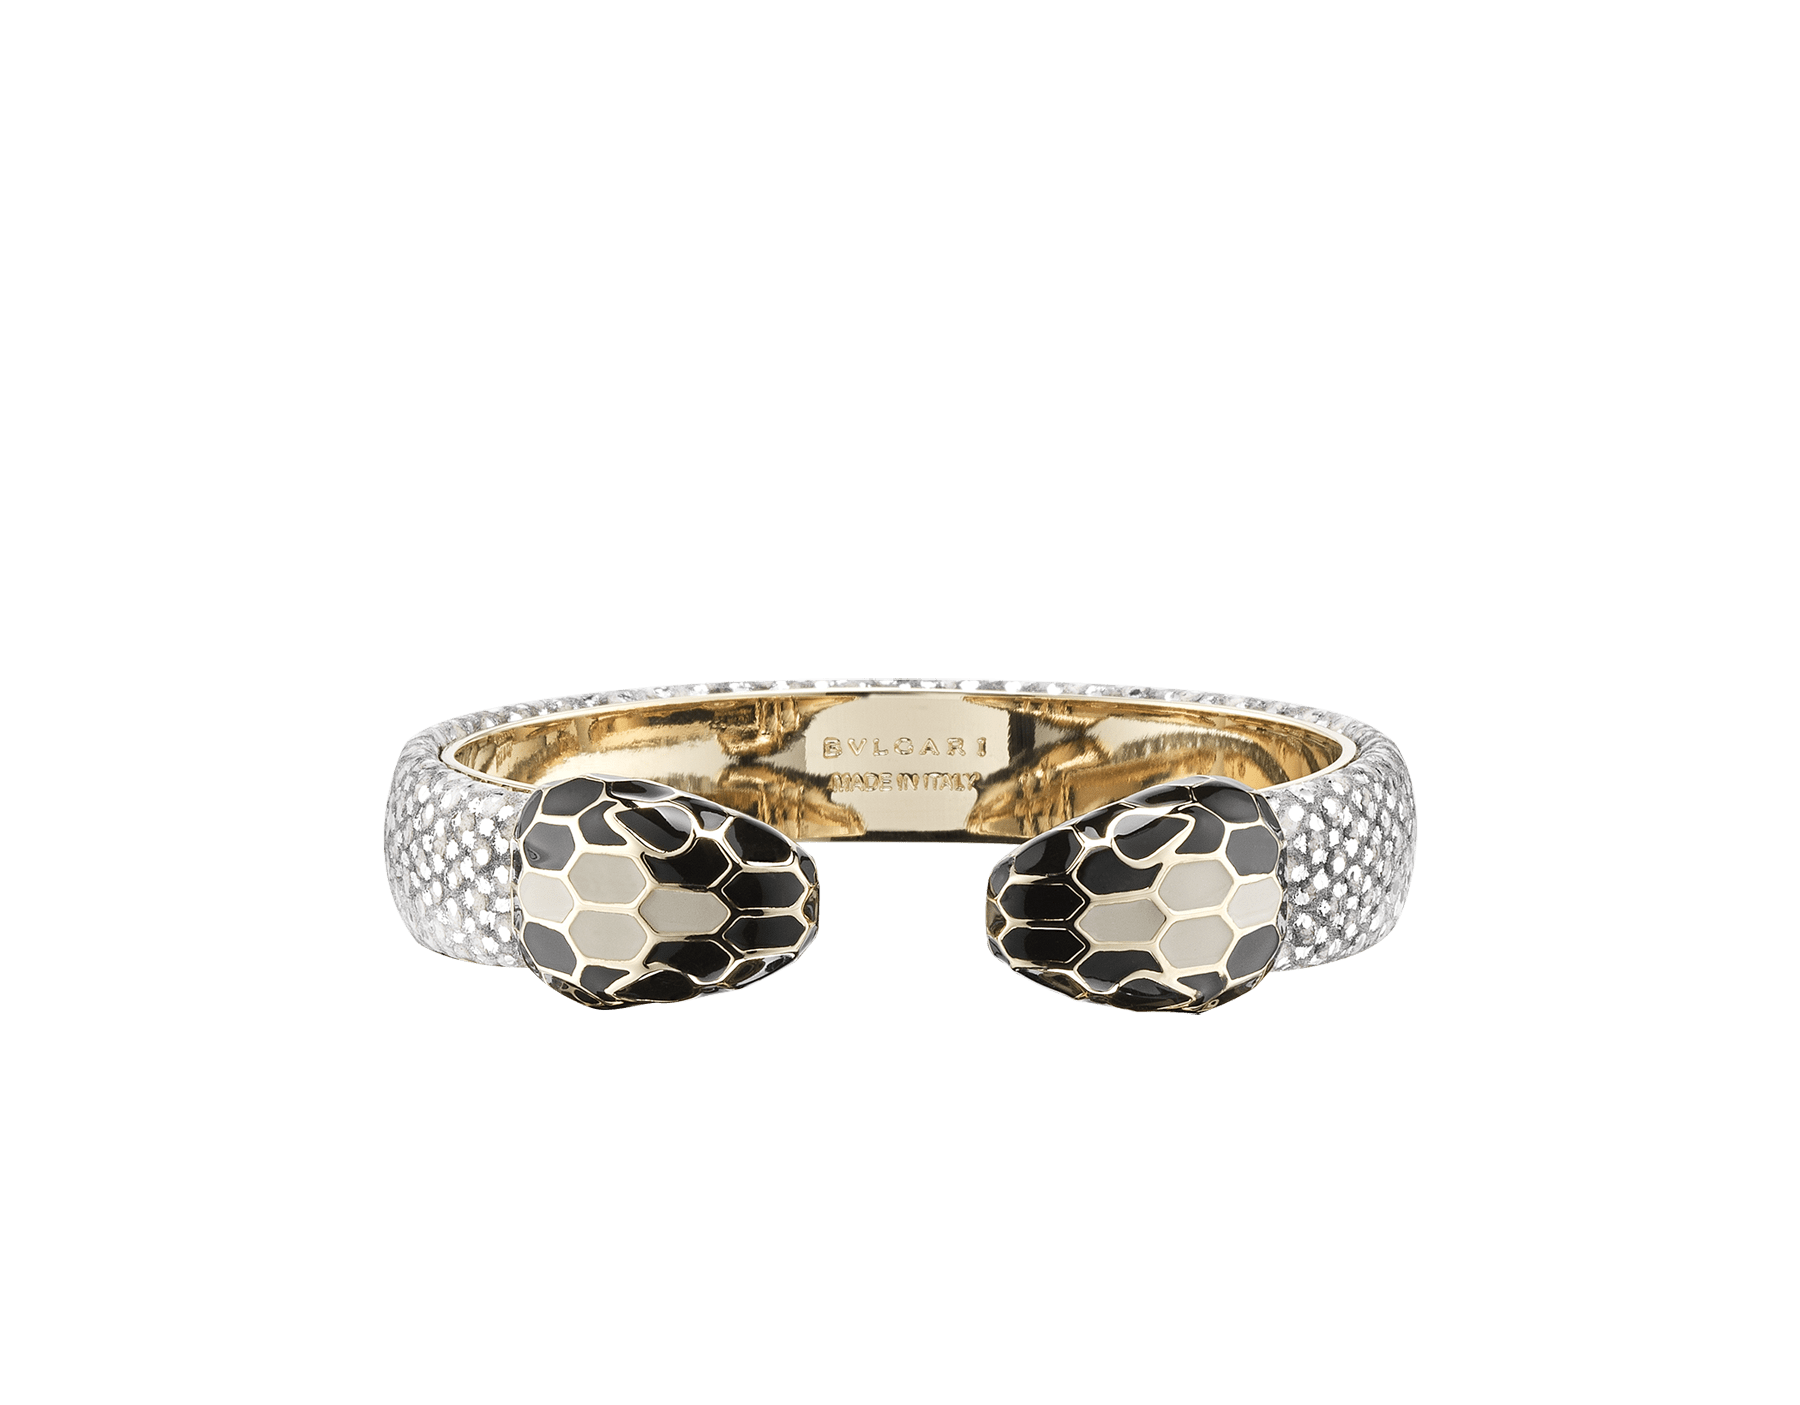 Bracelet jonc Serpenti Forever en karung métallisé couleur blanc agate avec détails en laiton doré. Motif en miroir Serpenti emblématique en émail noir et couleur blanc agate avec yeux en émail noir. SPContr-MK-WA image 1